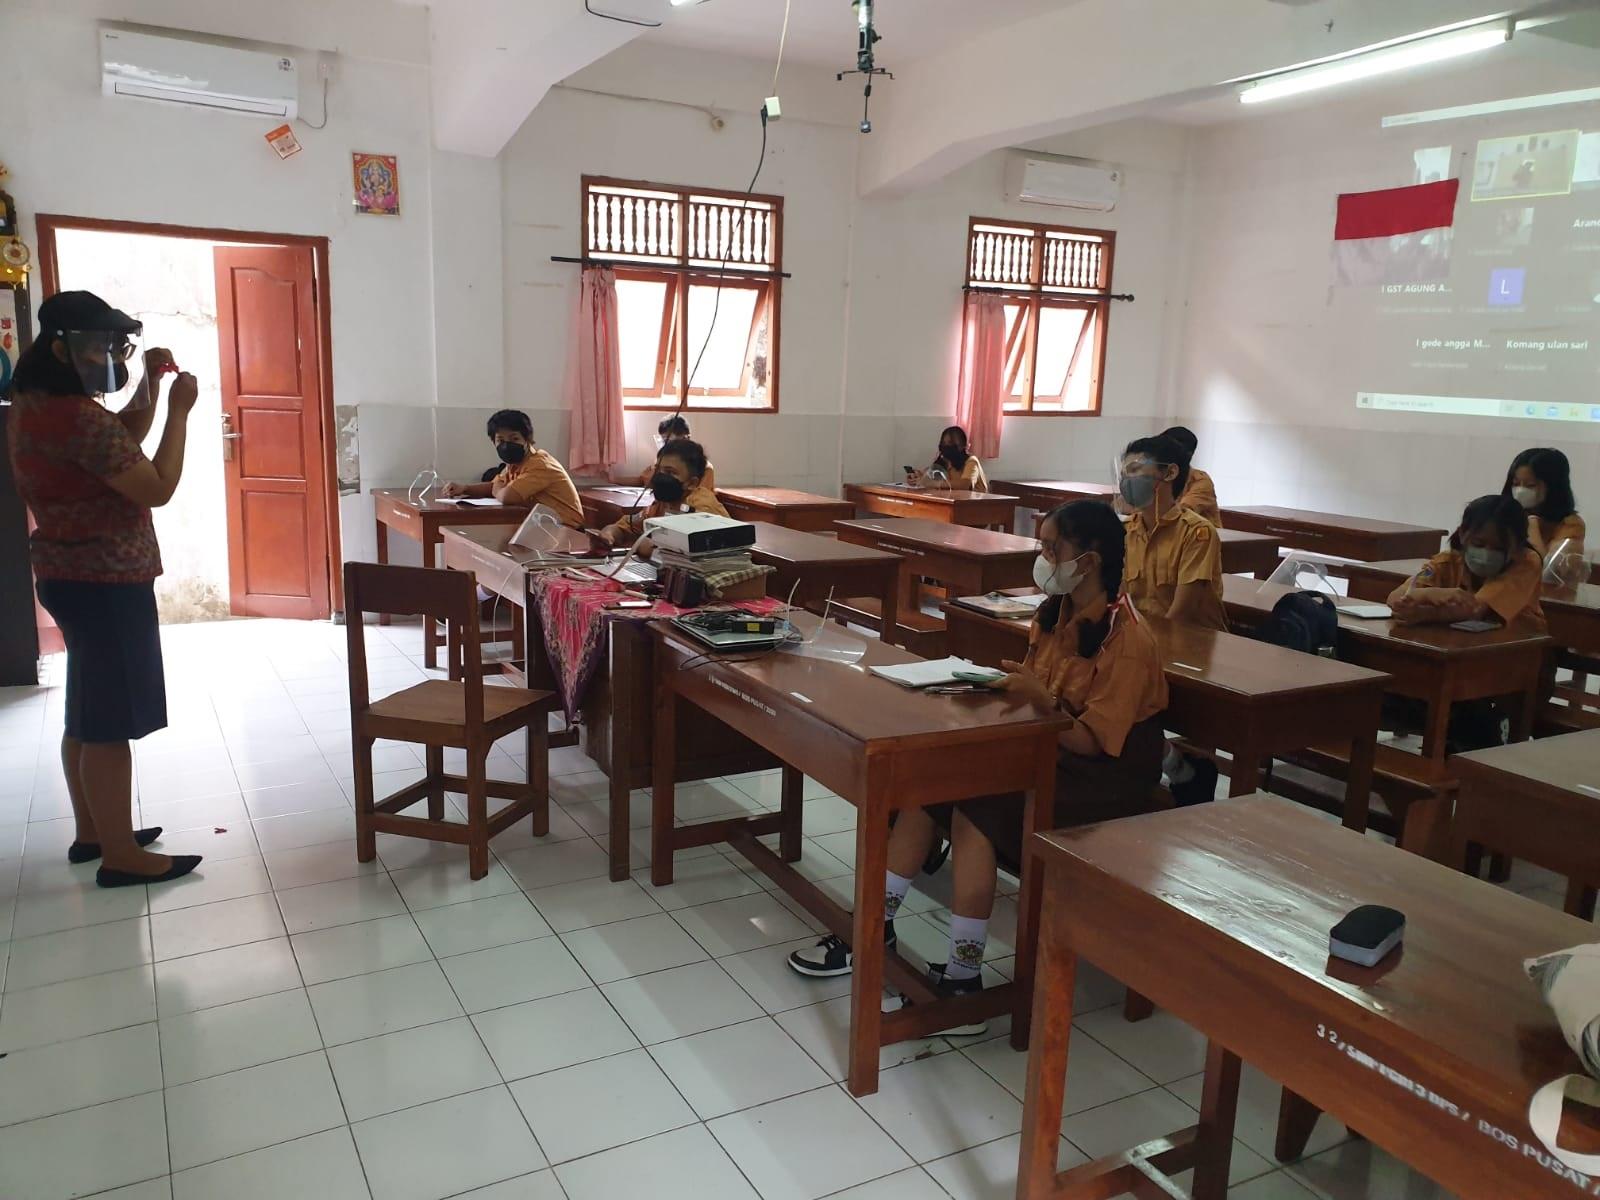 PELAKSANAAN PTM Terbatas di SMP PGRI 3 Denpasar. PTM Terbatas wajib dievaluasi setiap minggunya sehingga tak sampai memunculkan klaster baru penularan Covid-19. Foto: tra